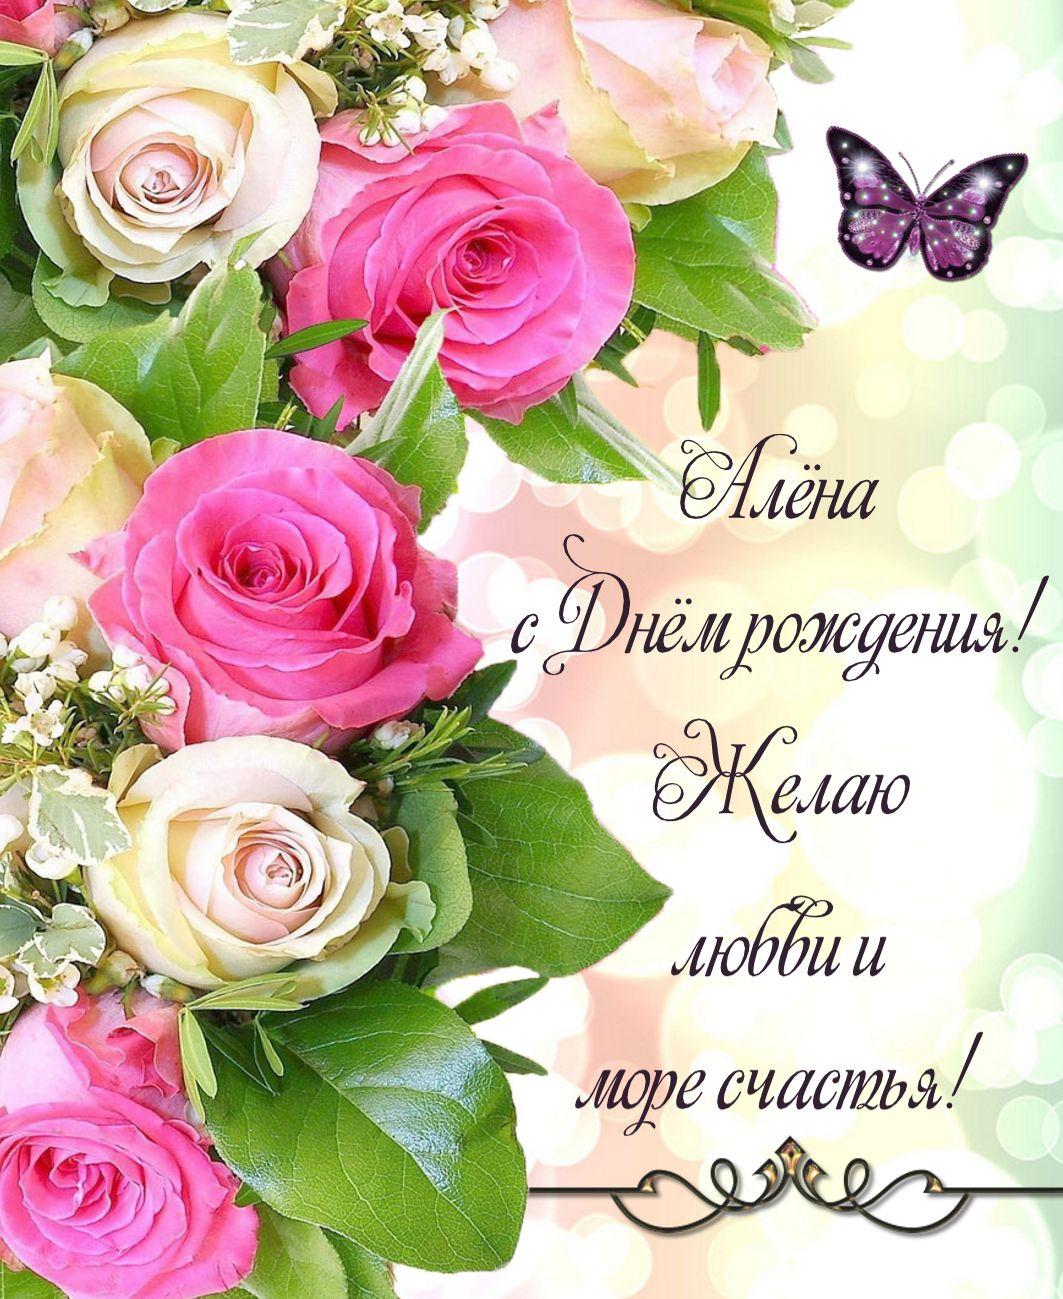 Открытка с Днем рождения - поздравление Алене на фоне роз